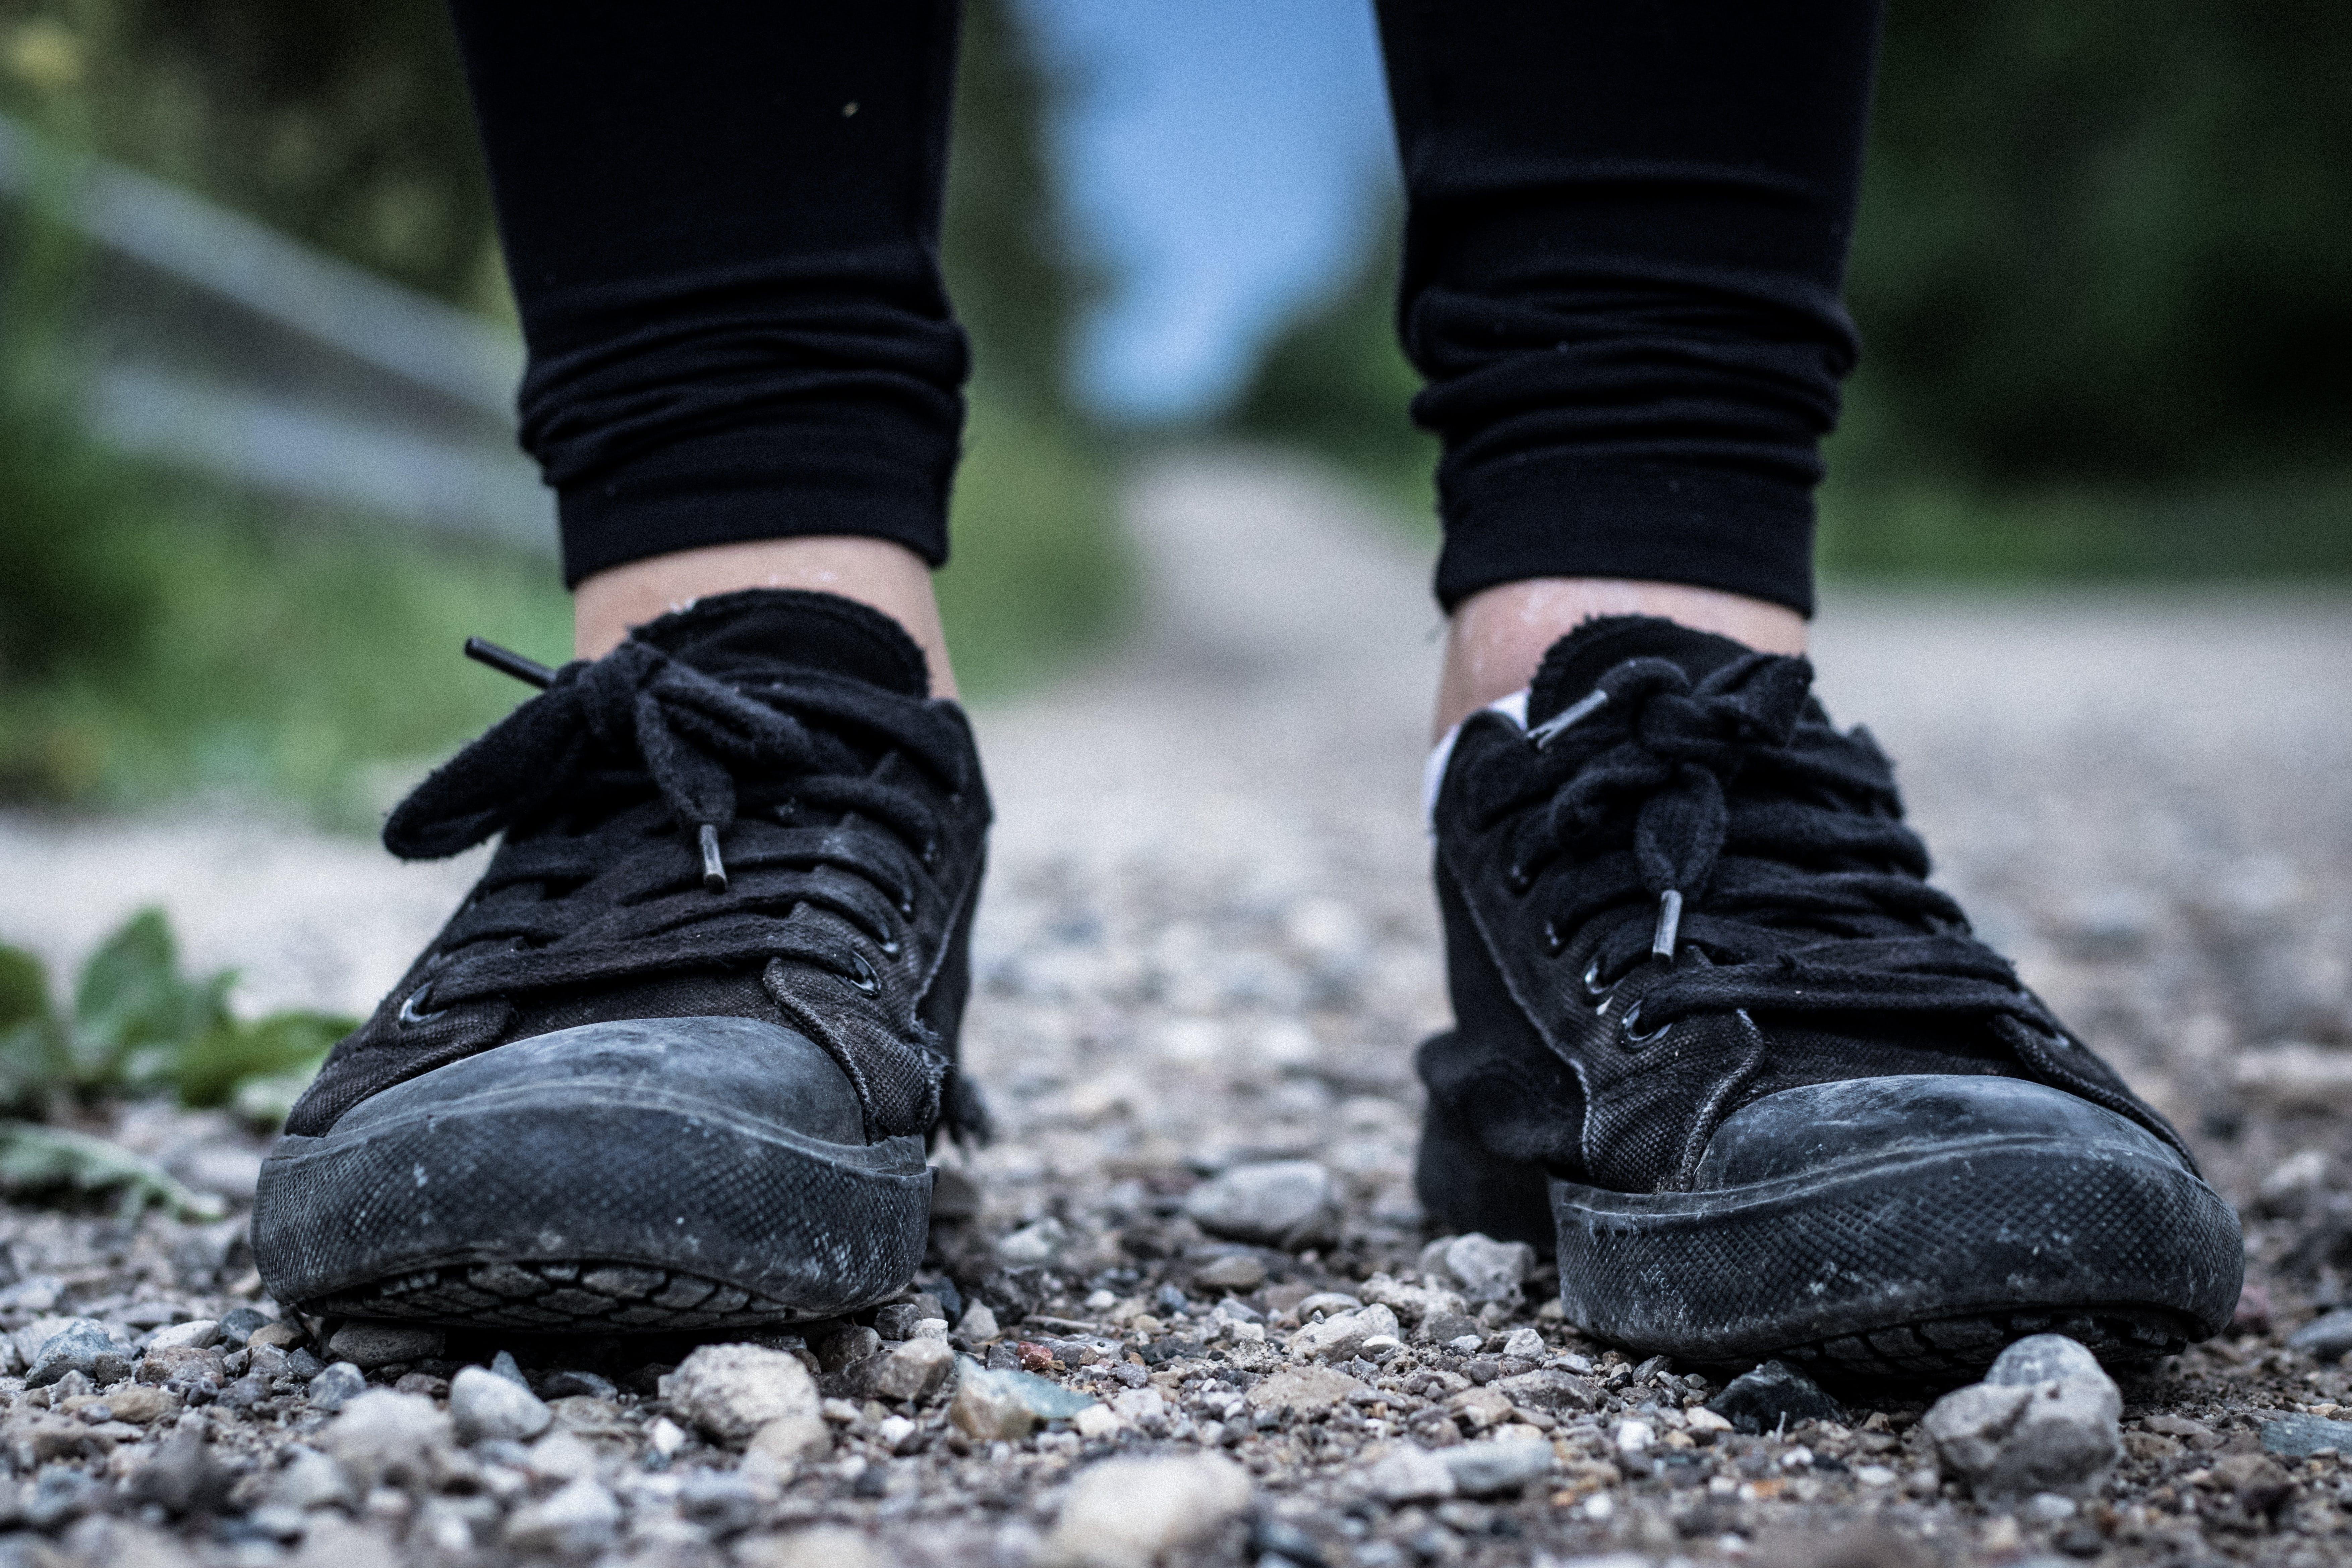 aşındırmak, ayakkabı, ayakkabı bağı, bulanıklık içeren Ücretsiz stok fotoğraf